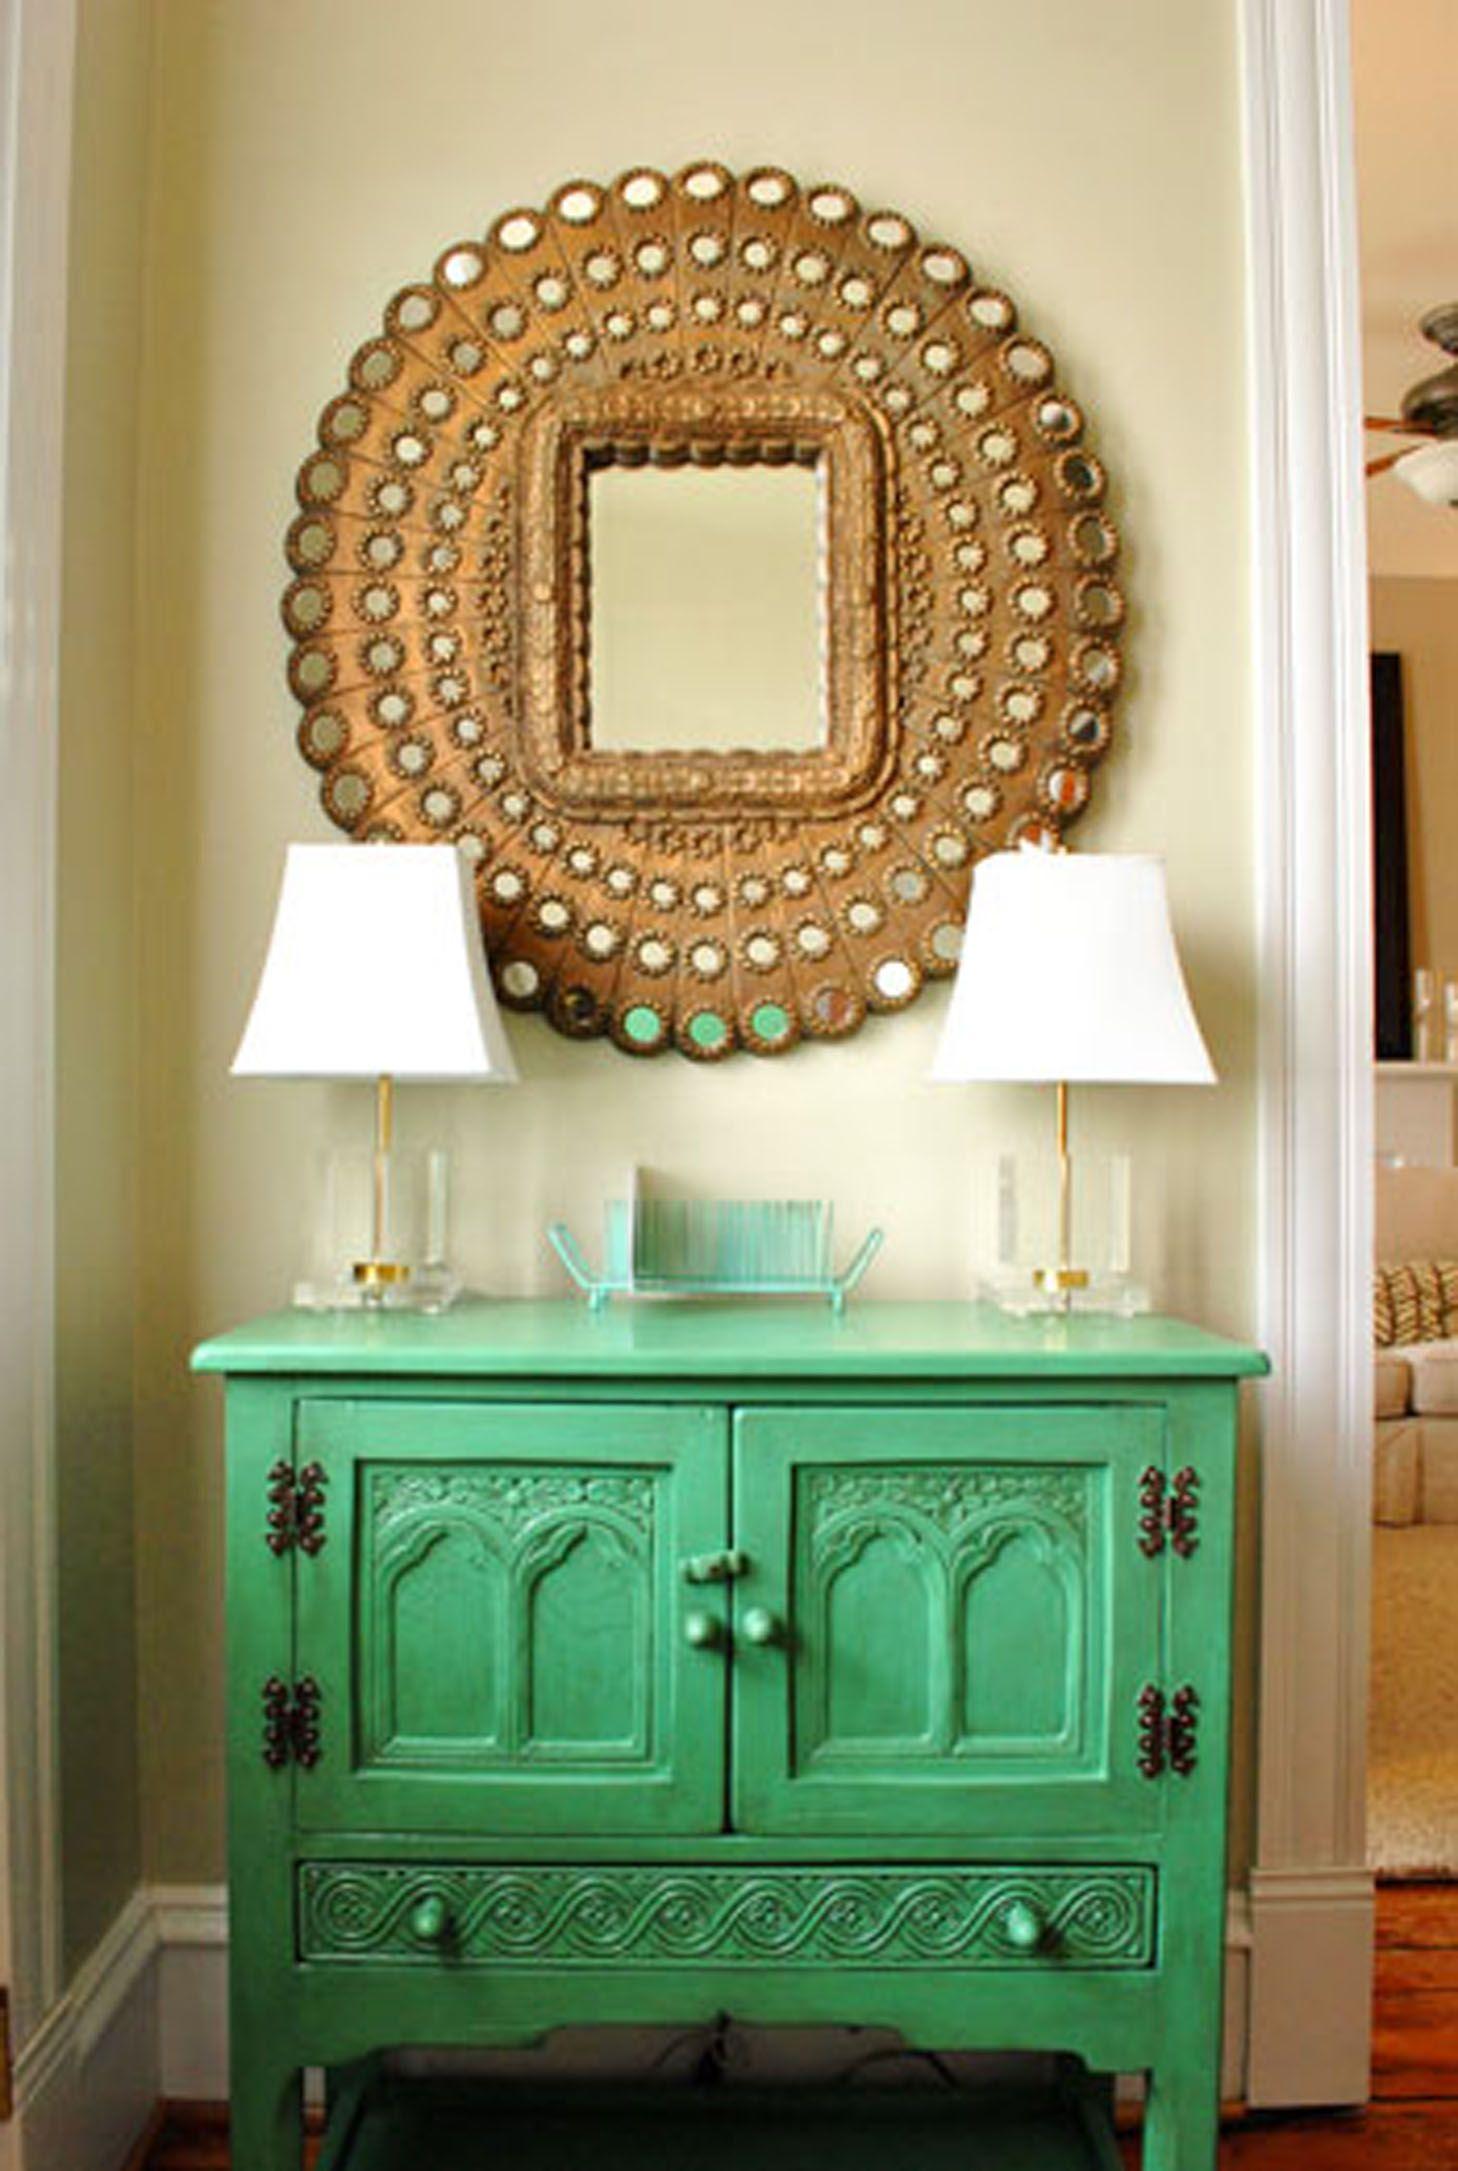 Un Buen Mueble Antiguo De Color Imponente Con Un Espejo Llamativo  # Muebles Infantiles Lupi Love